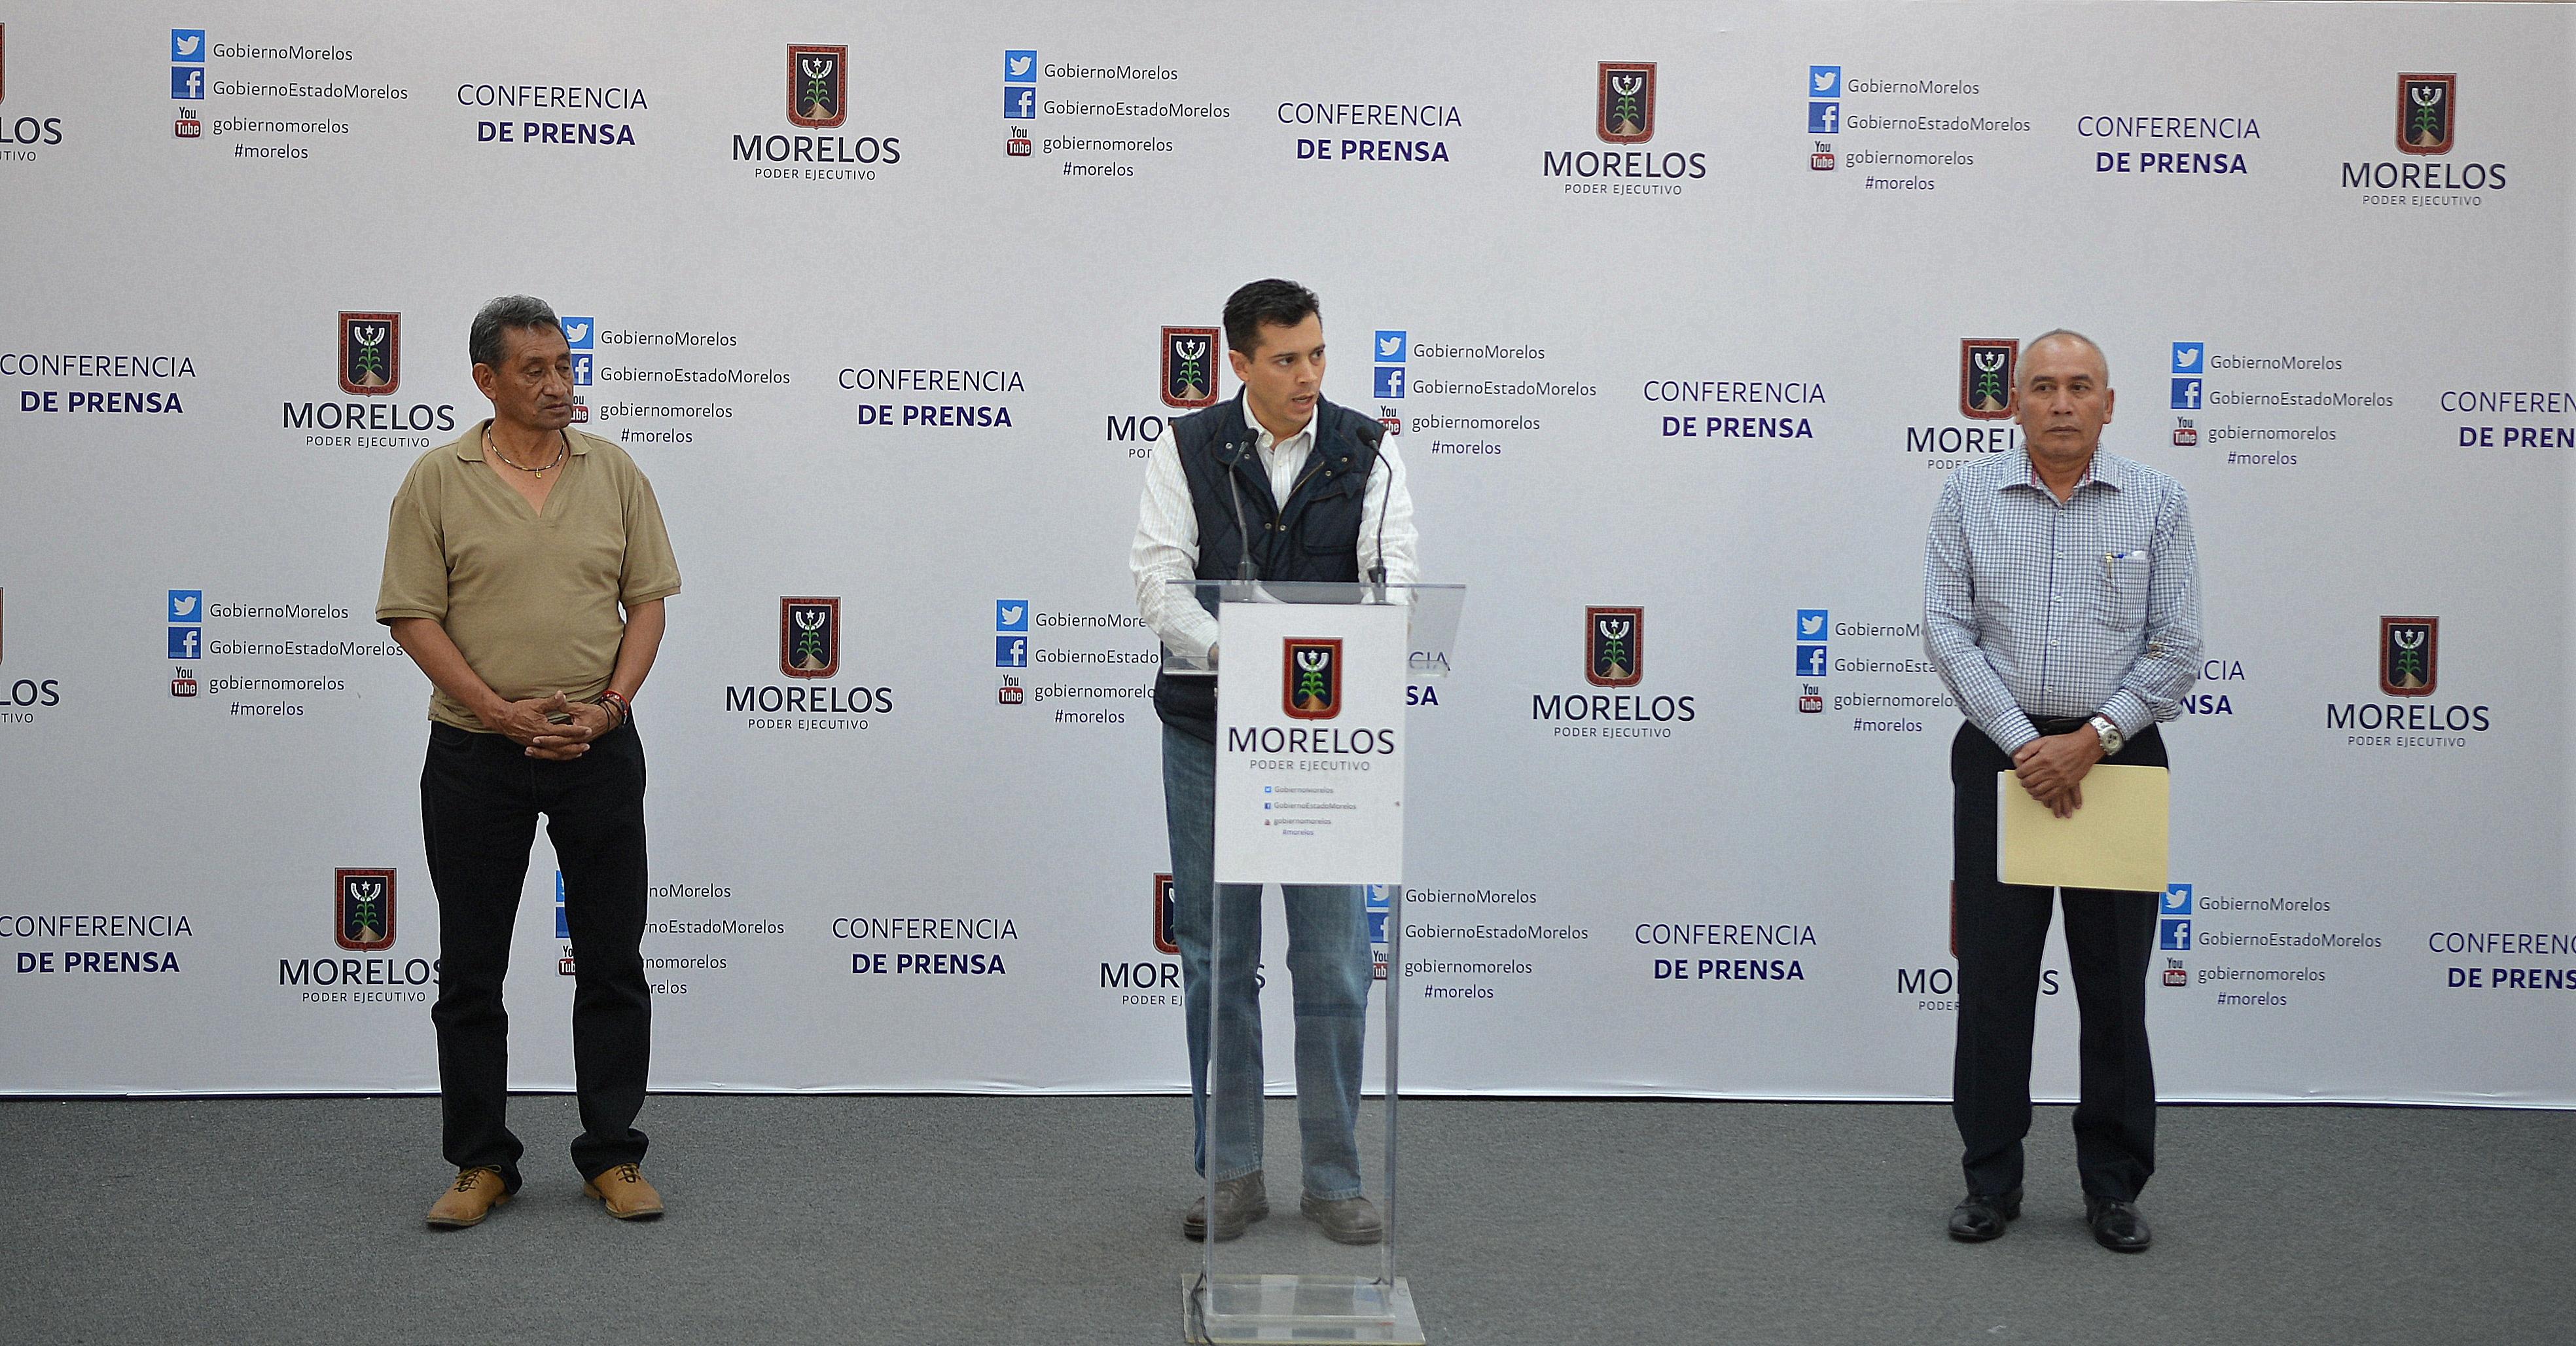 de prensa, Educación, cheques y pagos a maestros, Casa Morelos